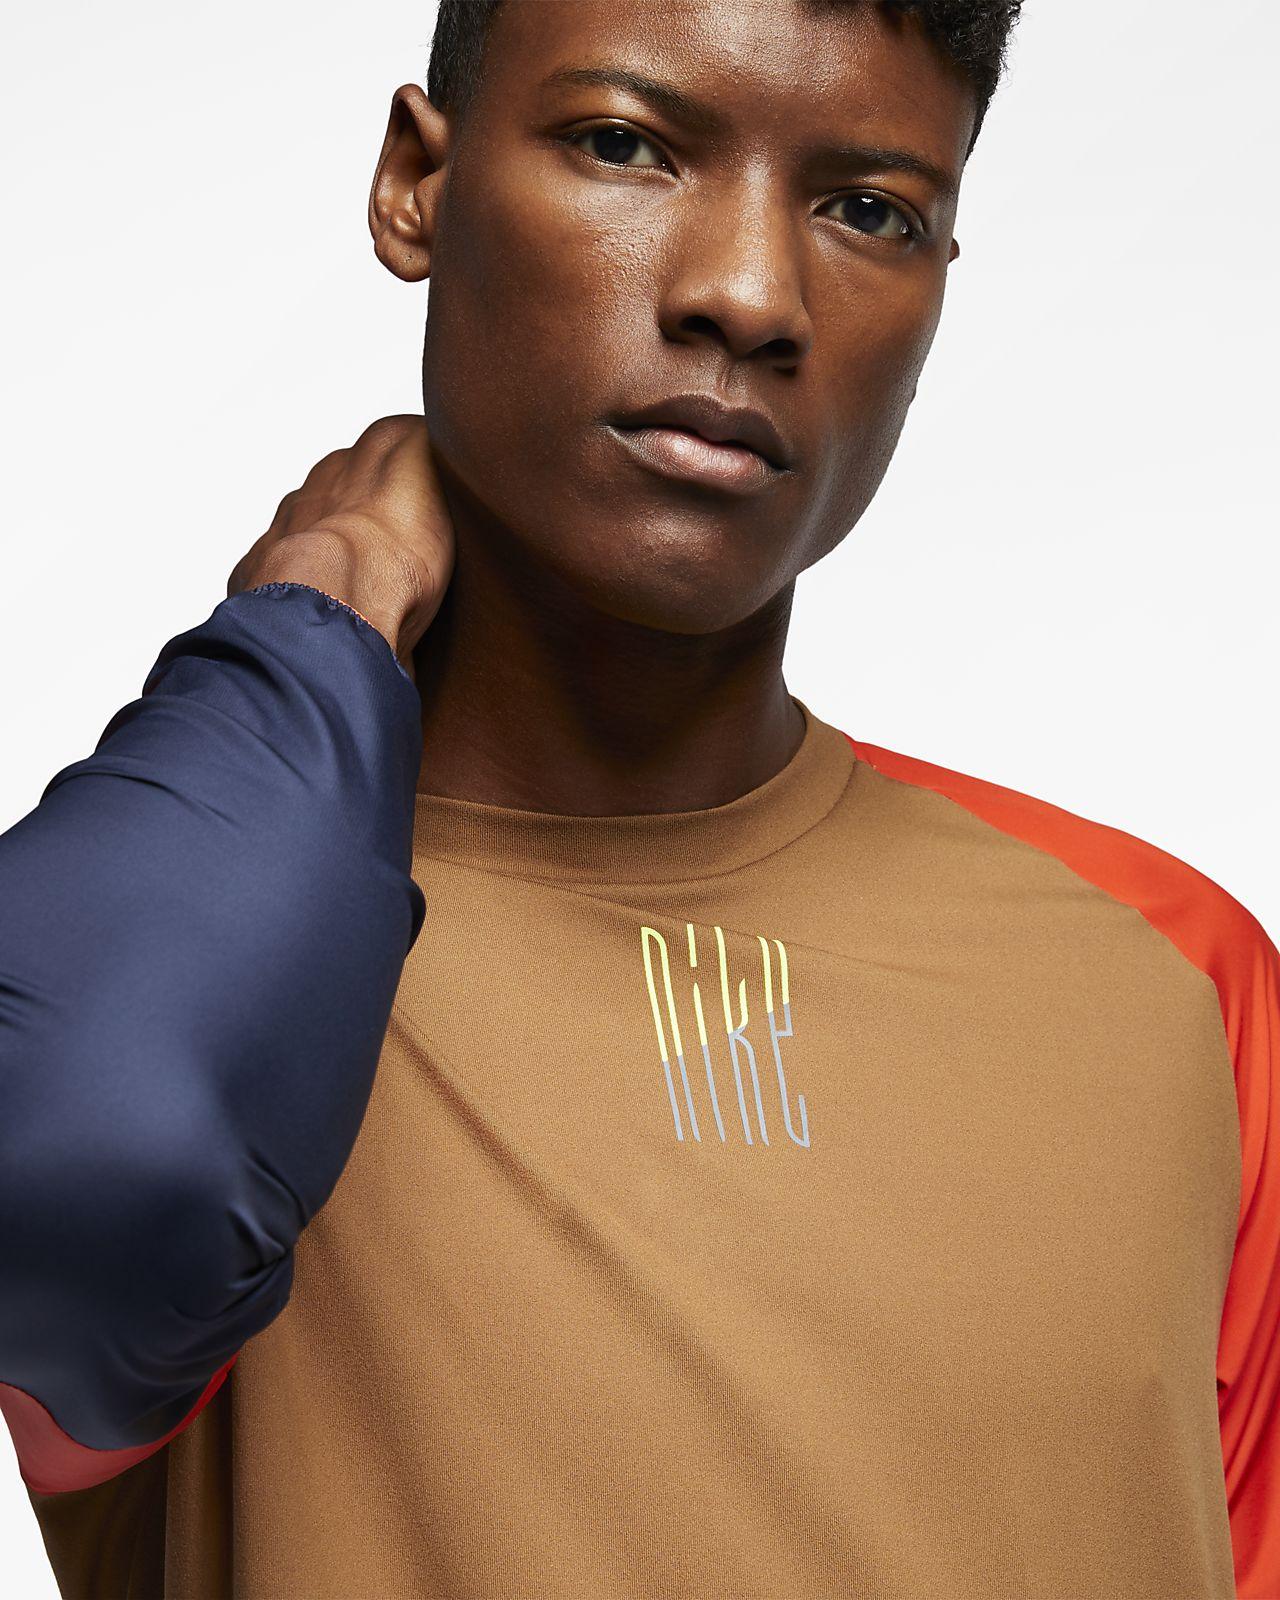 d58a2d6cc3 Nike Camiseta de running de manga larga - Hombre. Nike.com ES